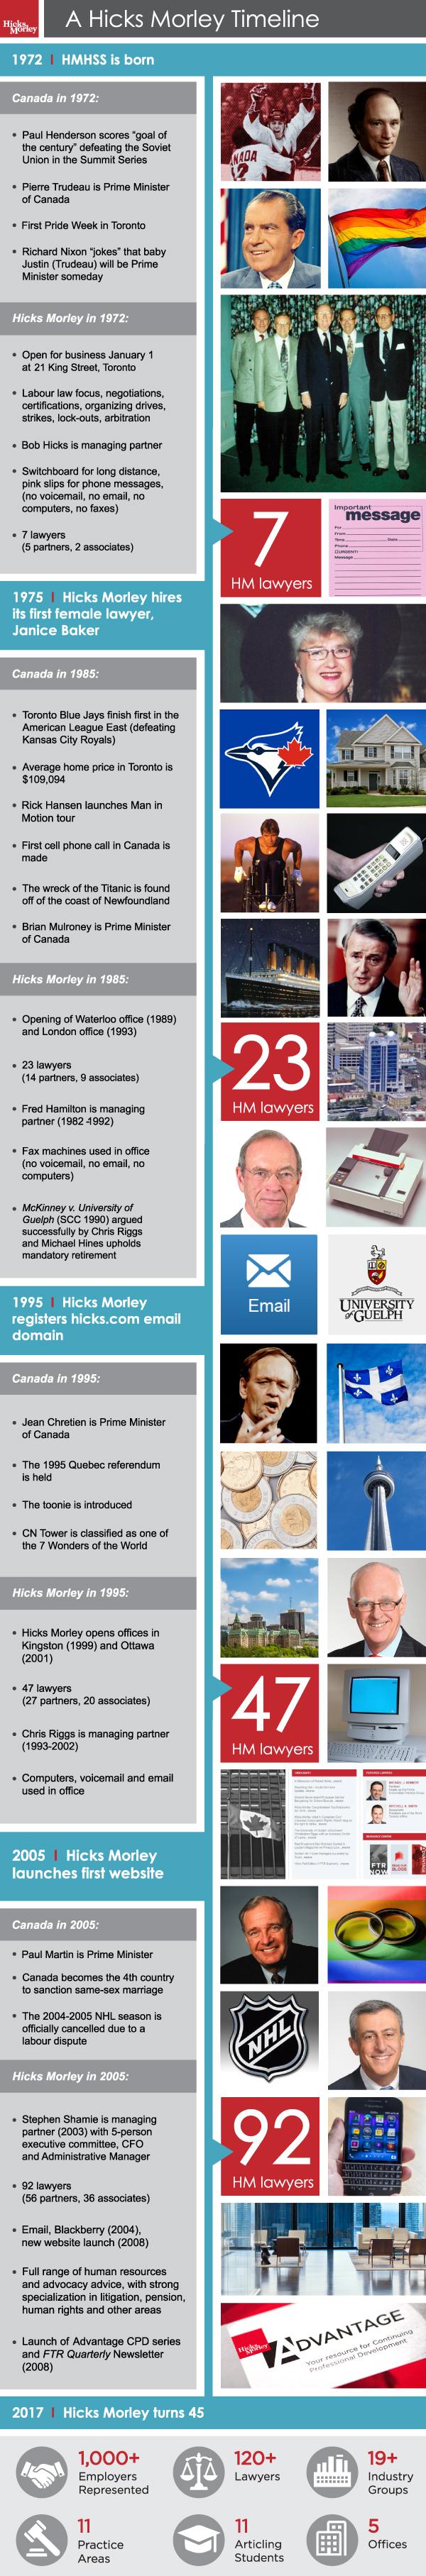 A Hicks Morley Timeline